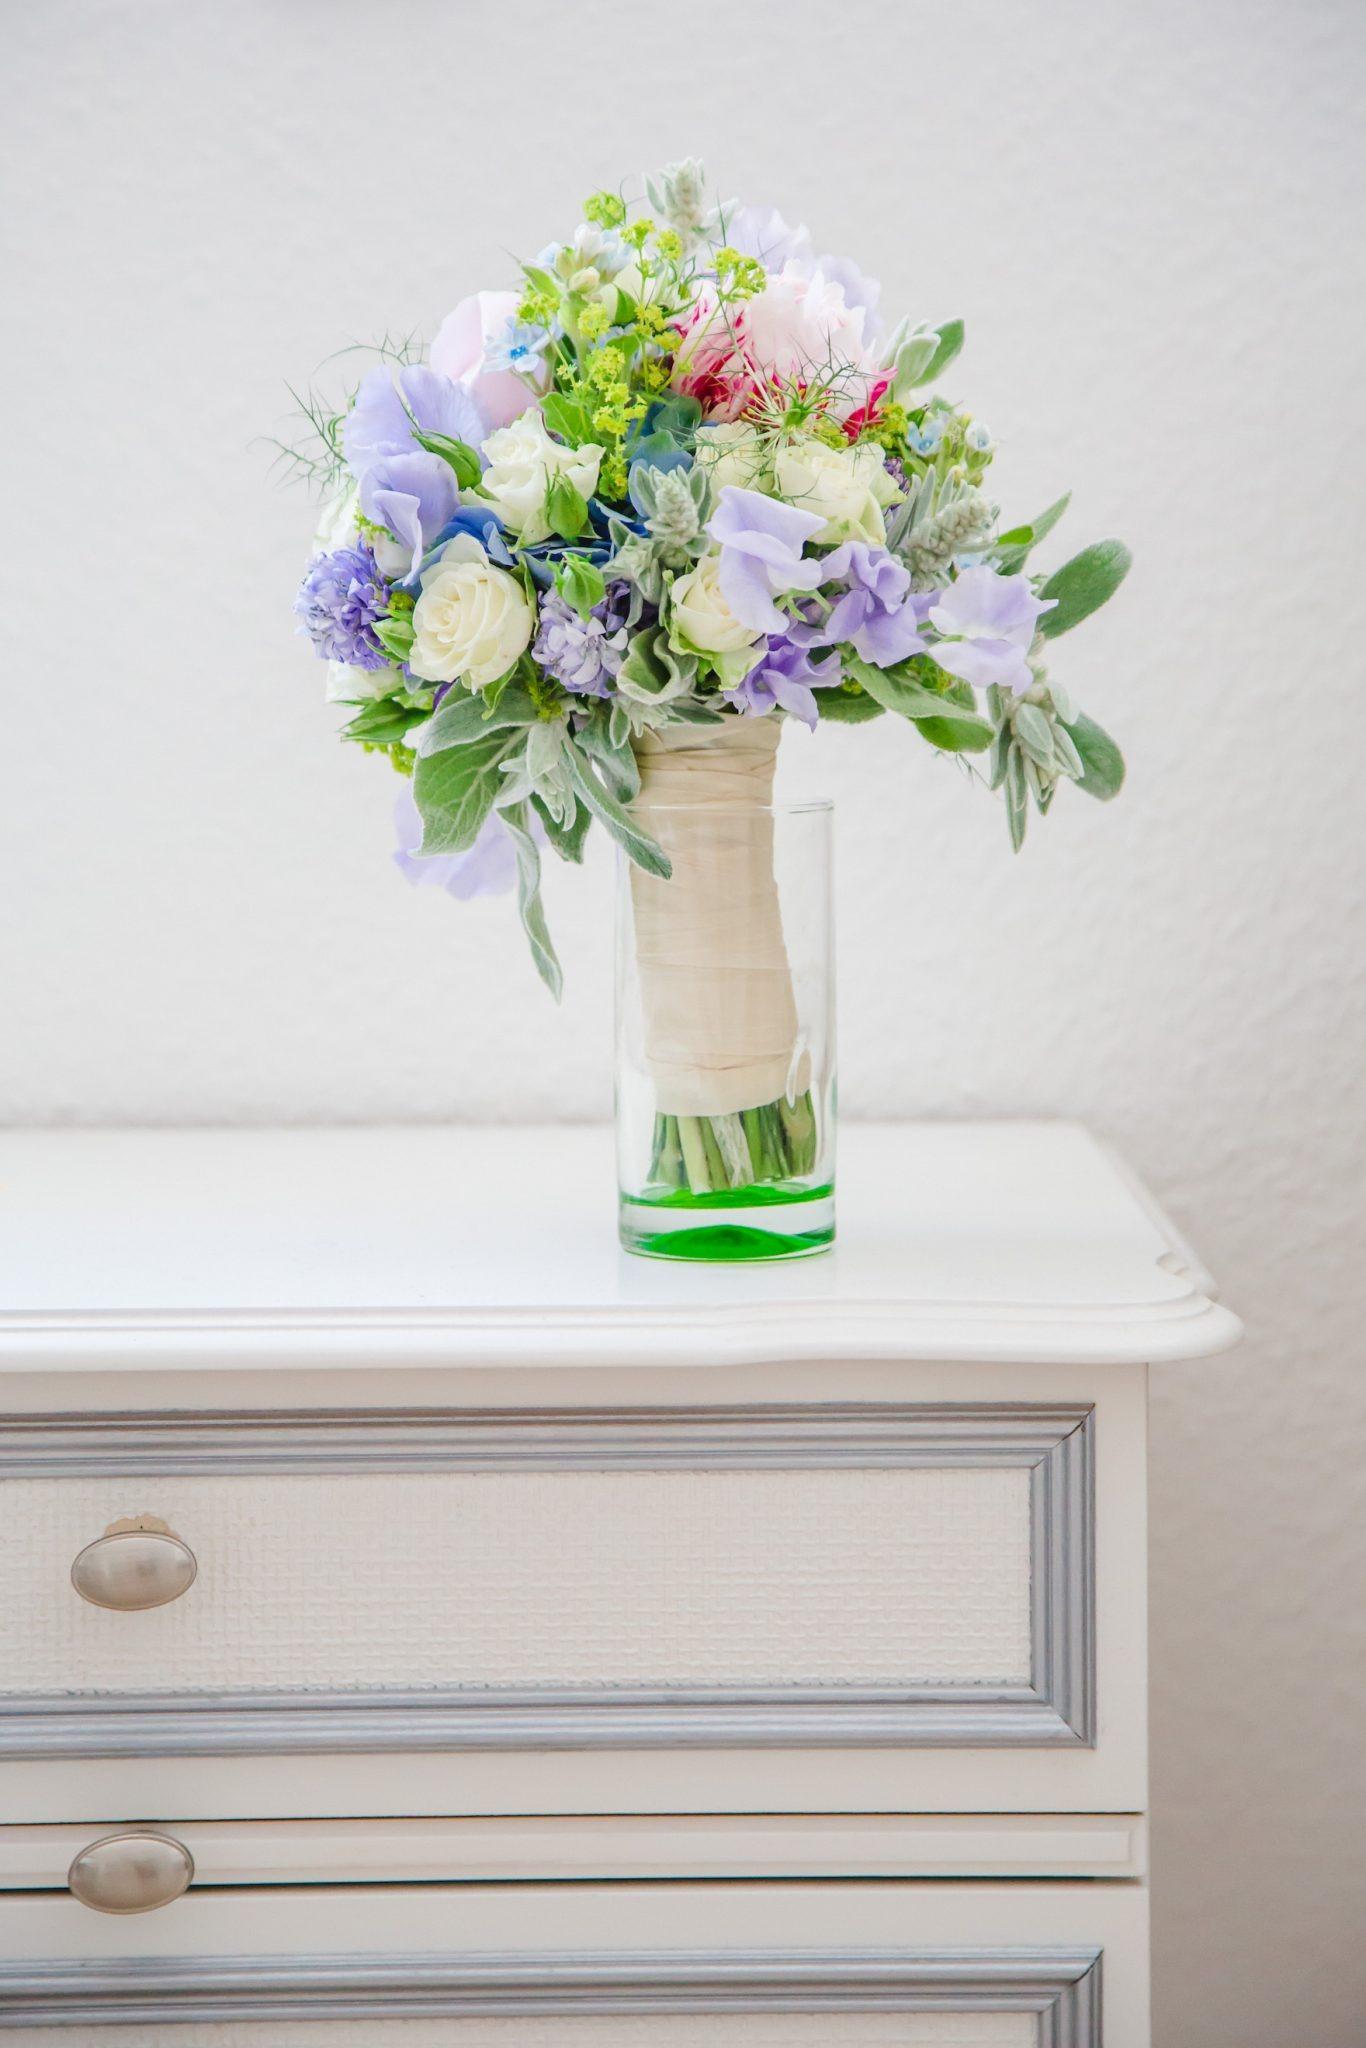 Hochzeit von Tine und Basti in Münster: Brautstrauß auf einer Kommode